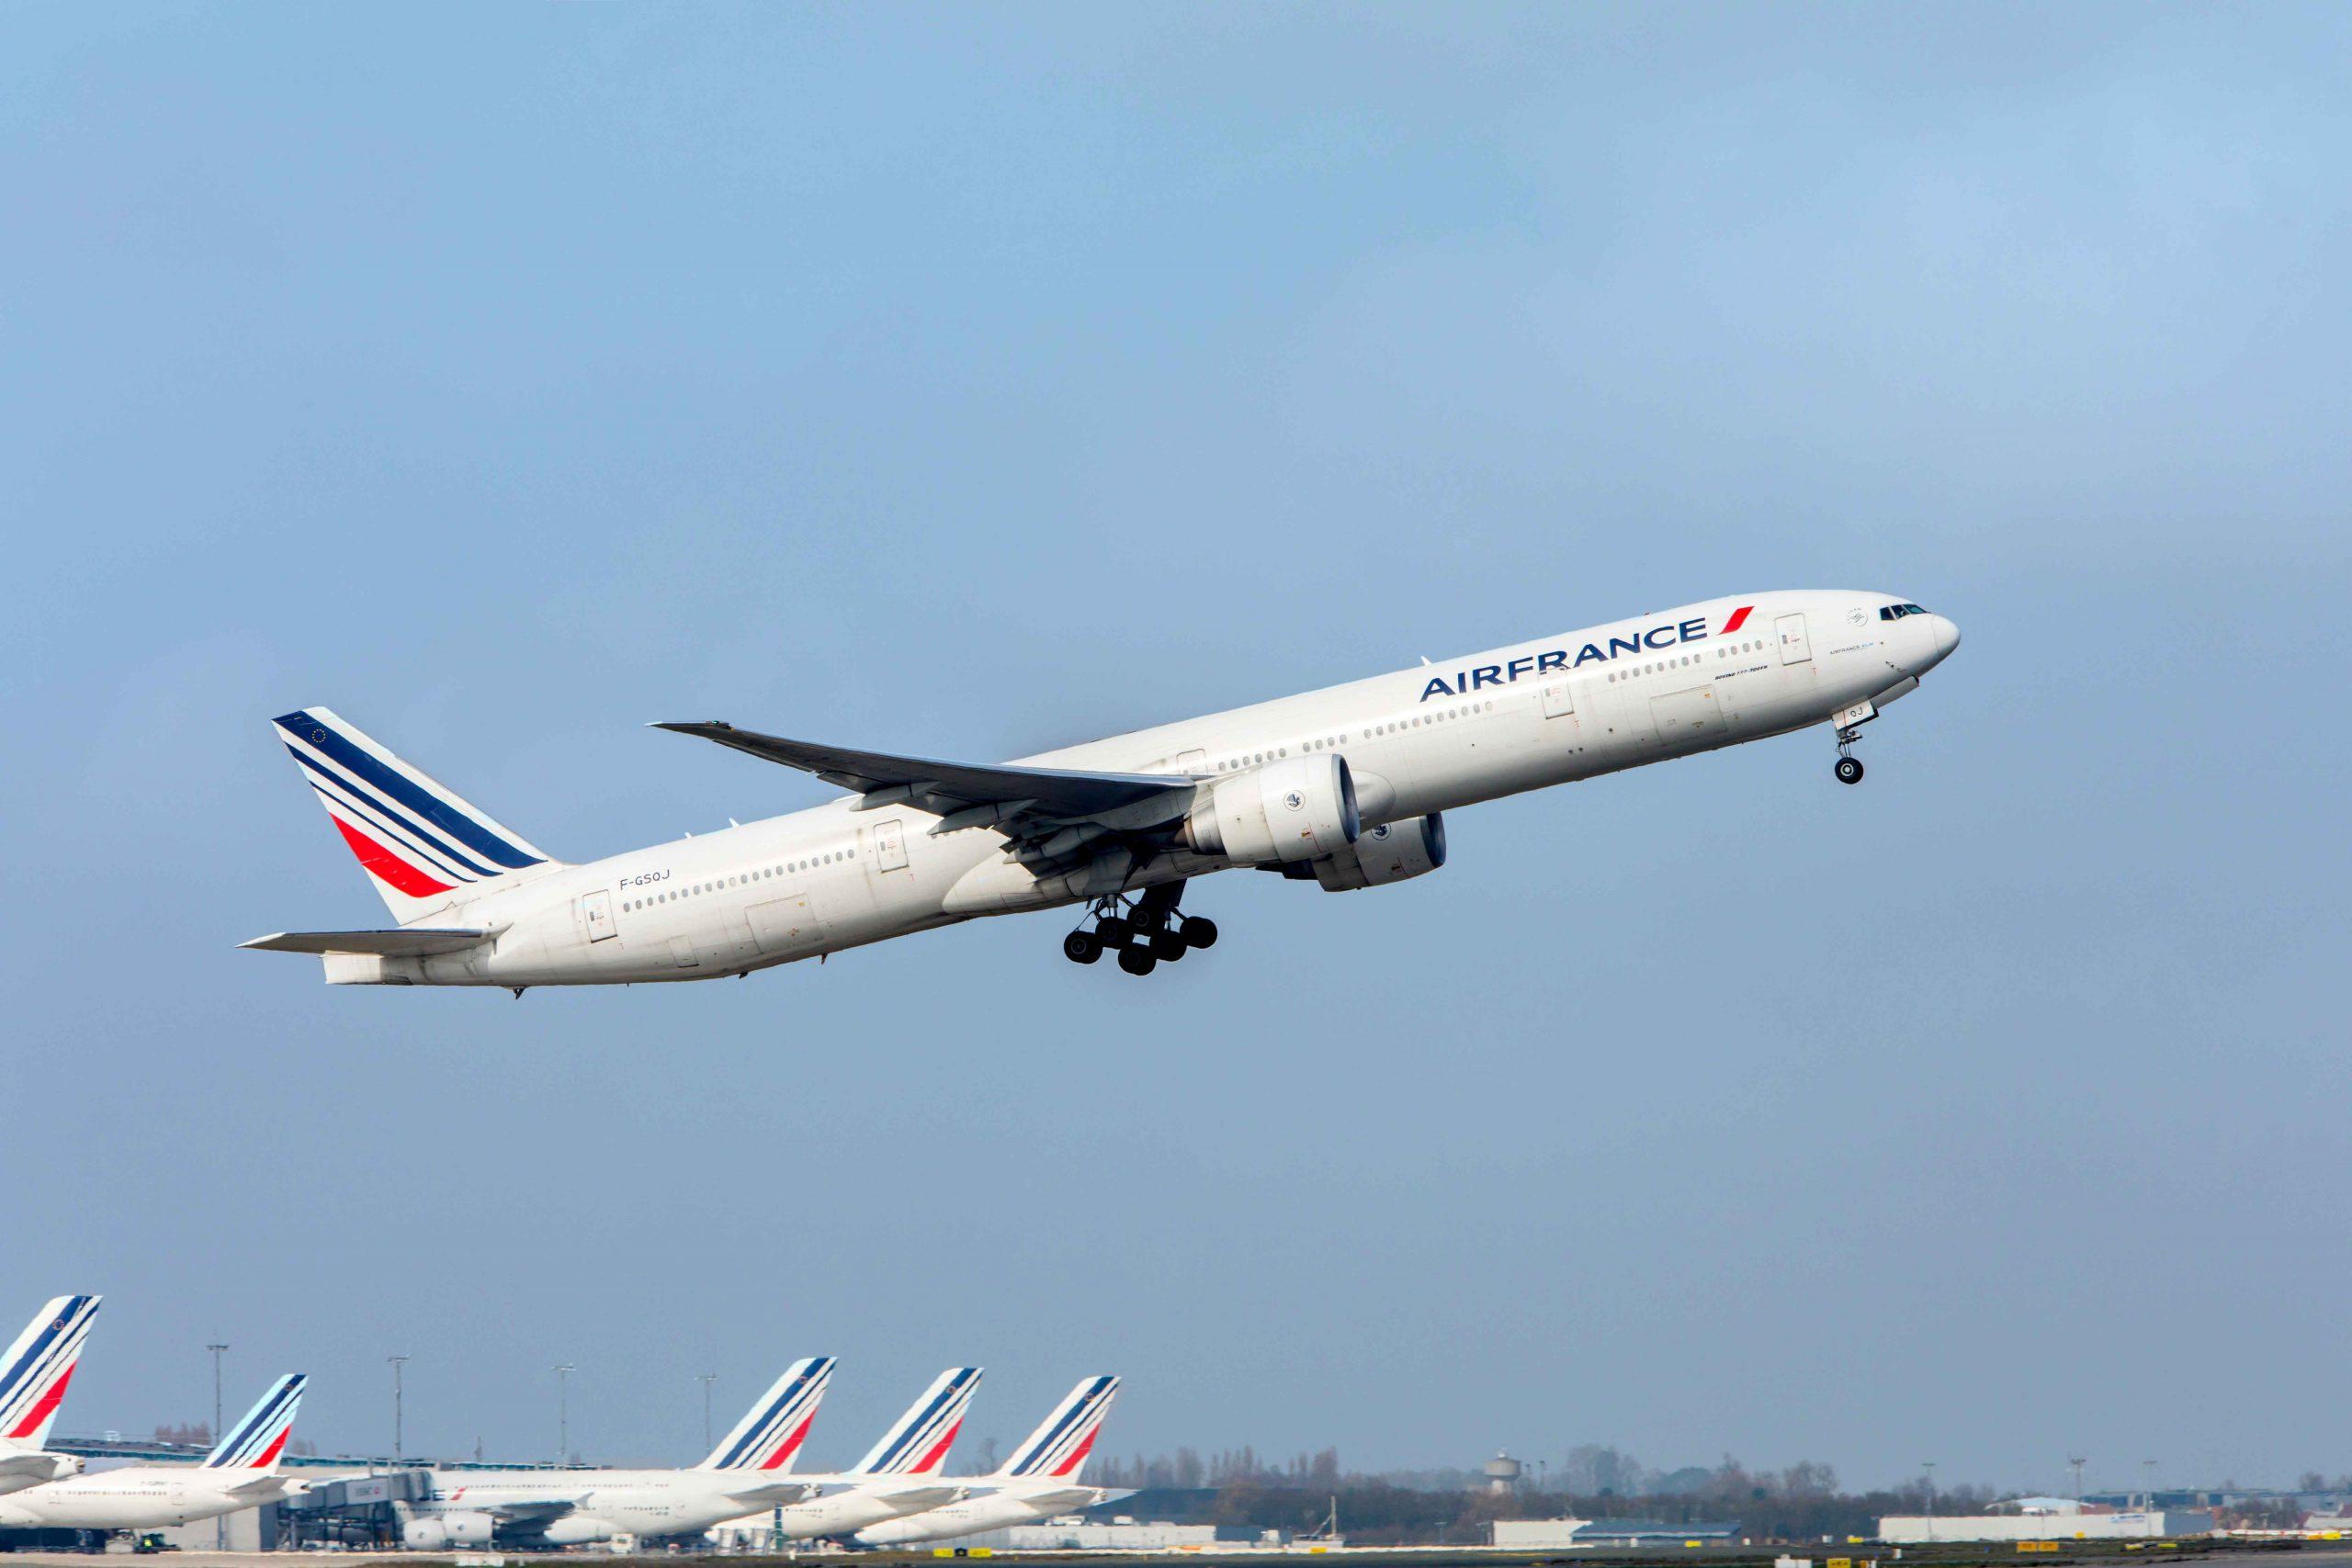 Viajes Air France